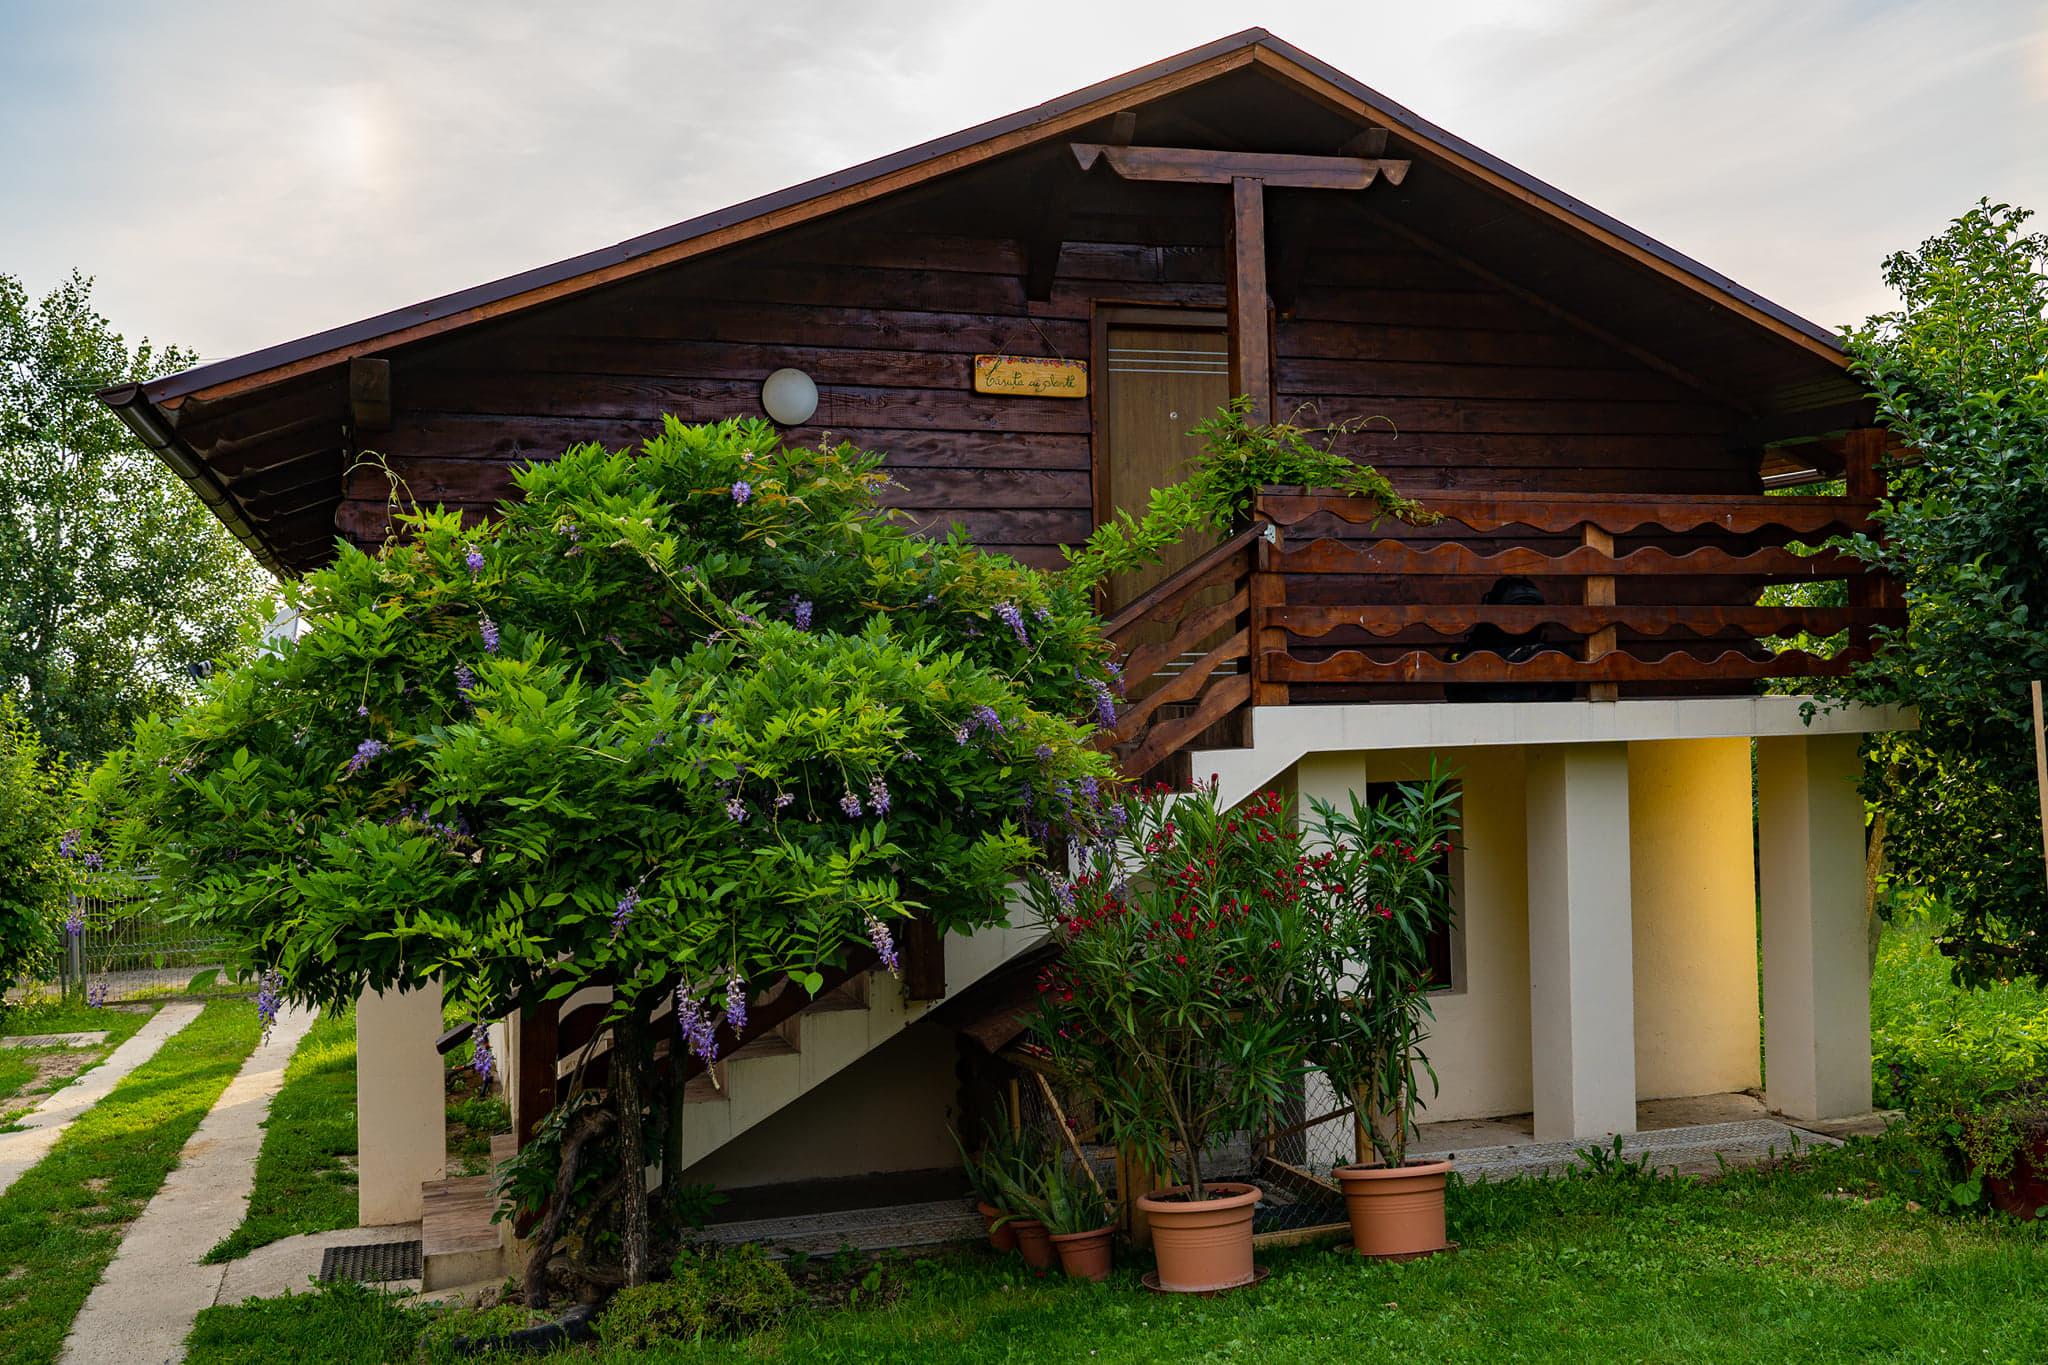 Am găsit raiul pe pământ, la un nou loc de agrement, relaxare și tratamente naturiste, la 10 km de municipiul Satu Mare